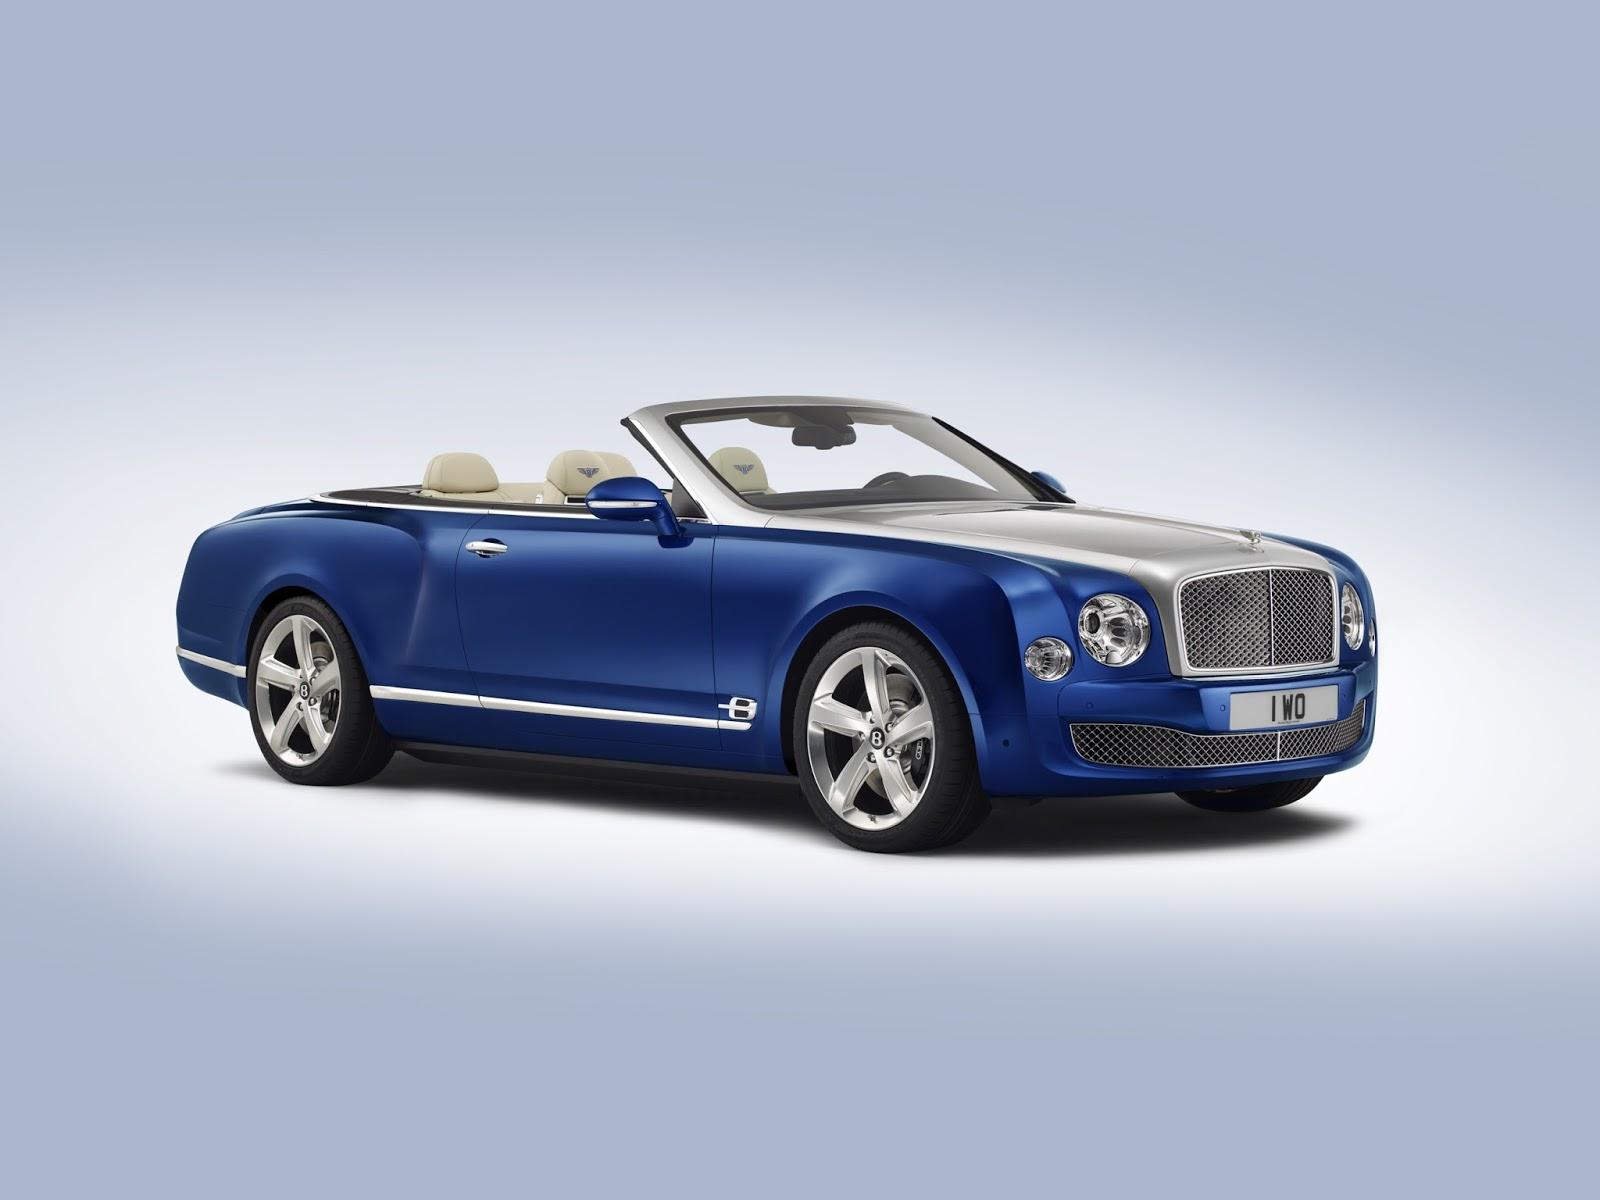 New Bentley Grand Convertible / Mulsanne Convertible